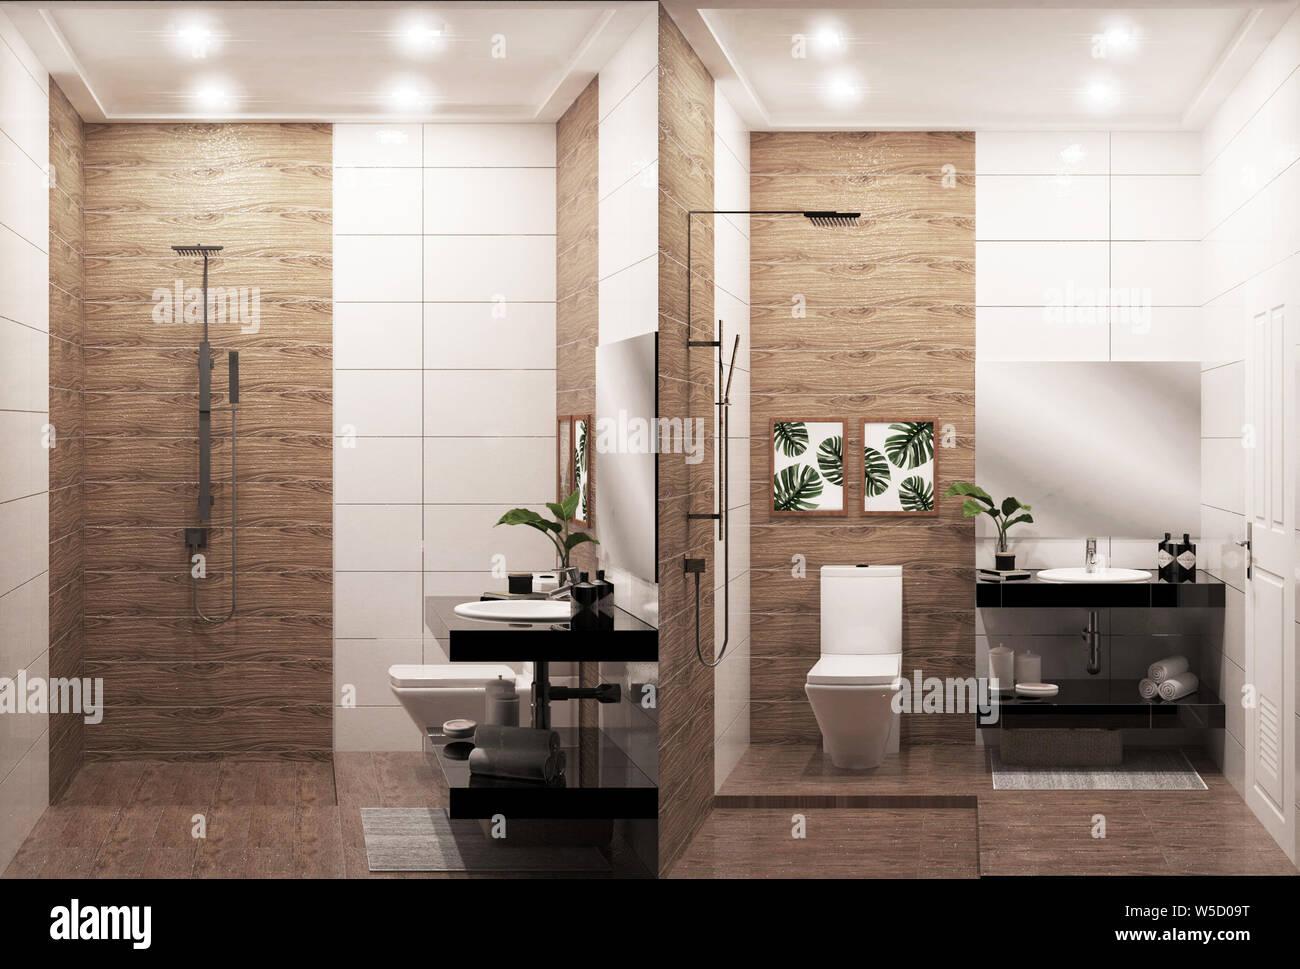 Japanisches Badezimmer Stockfotos & Japanisches Badezimmer ...